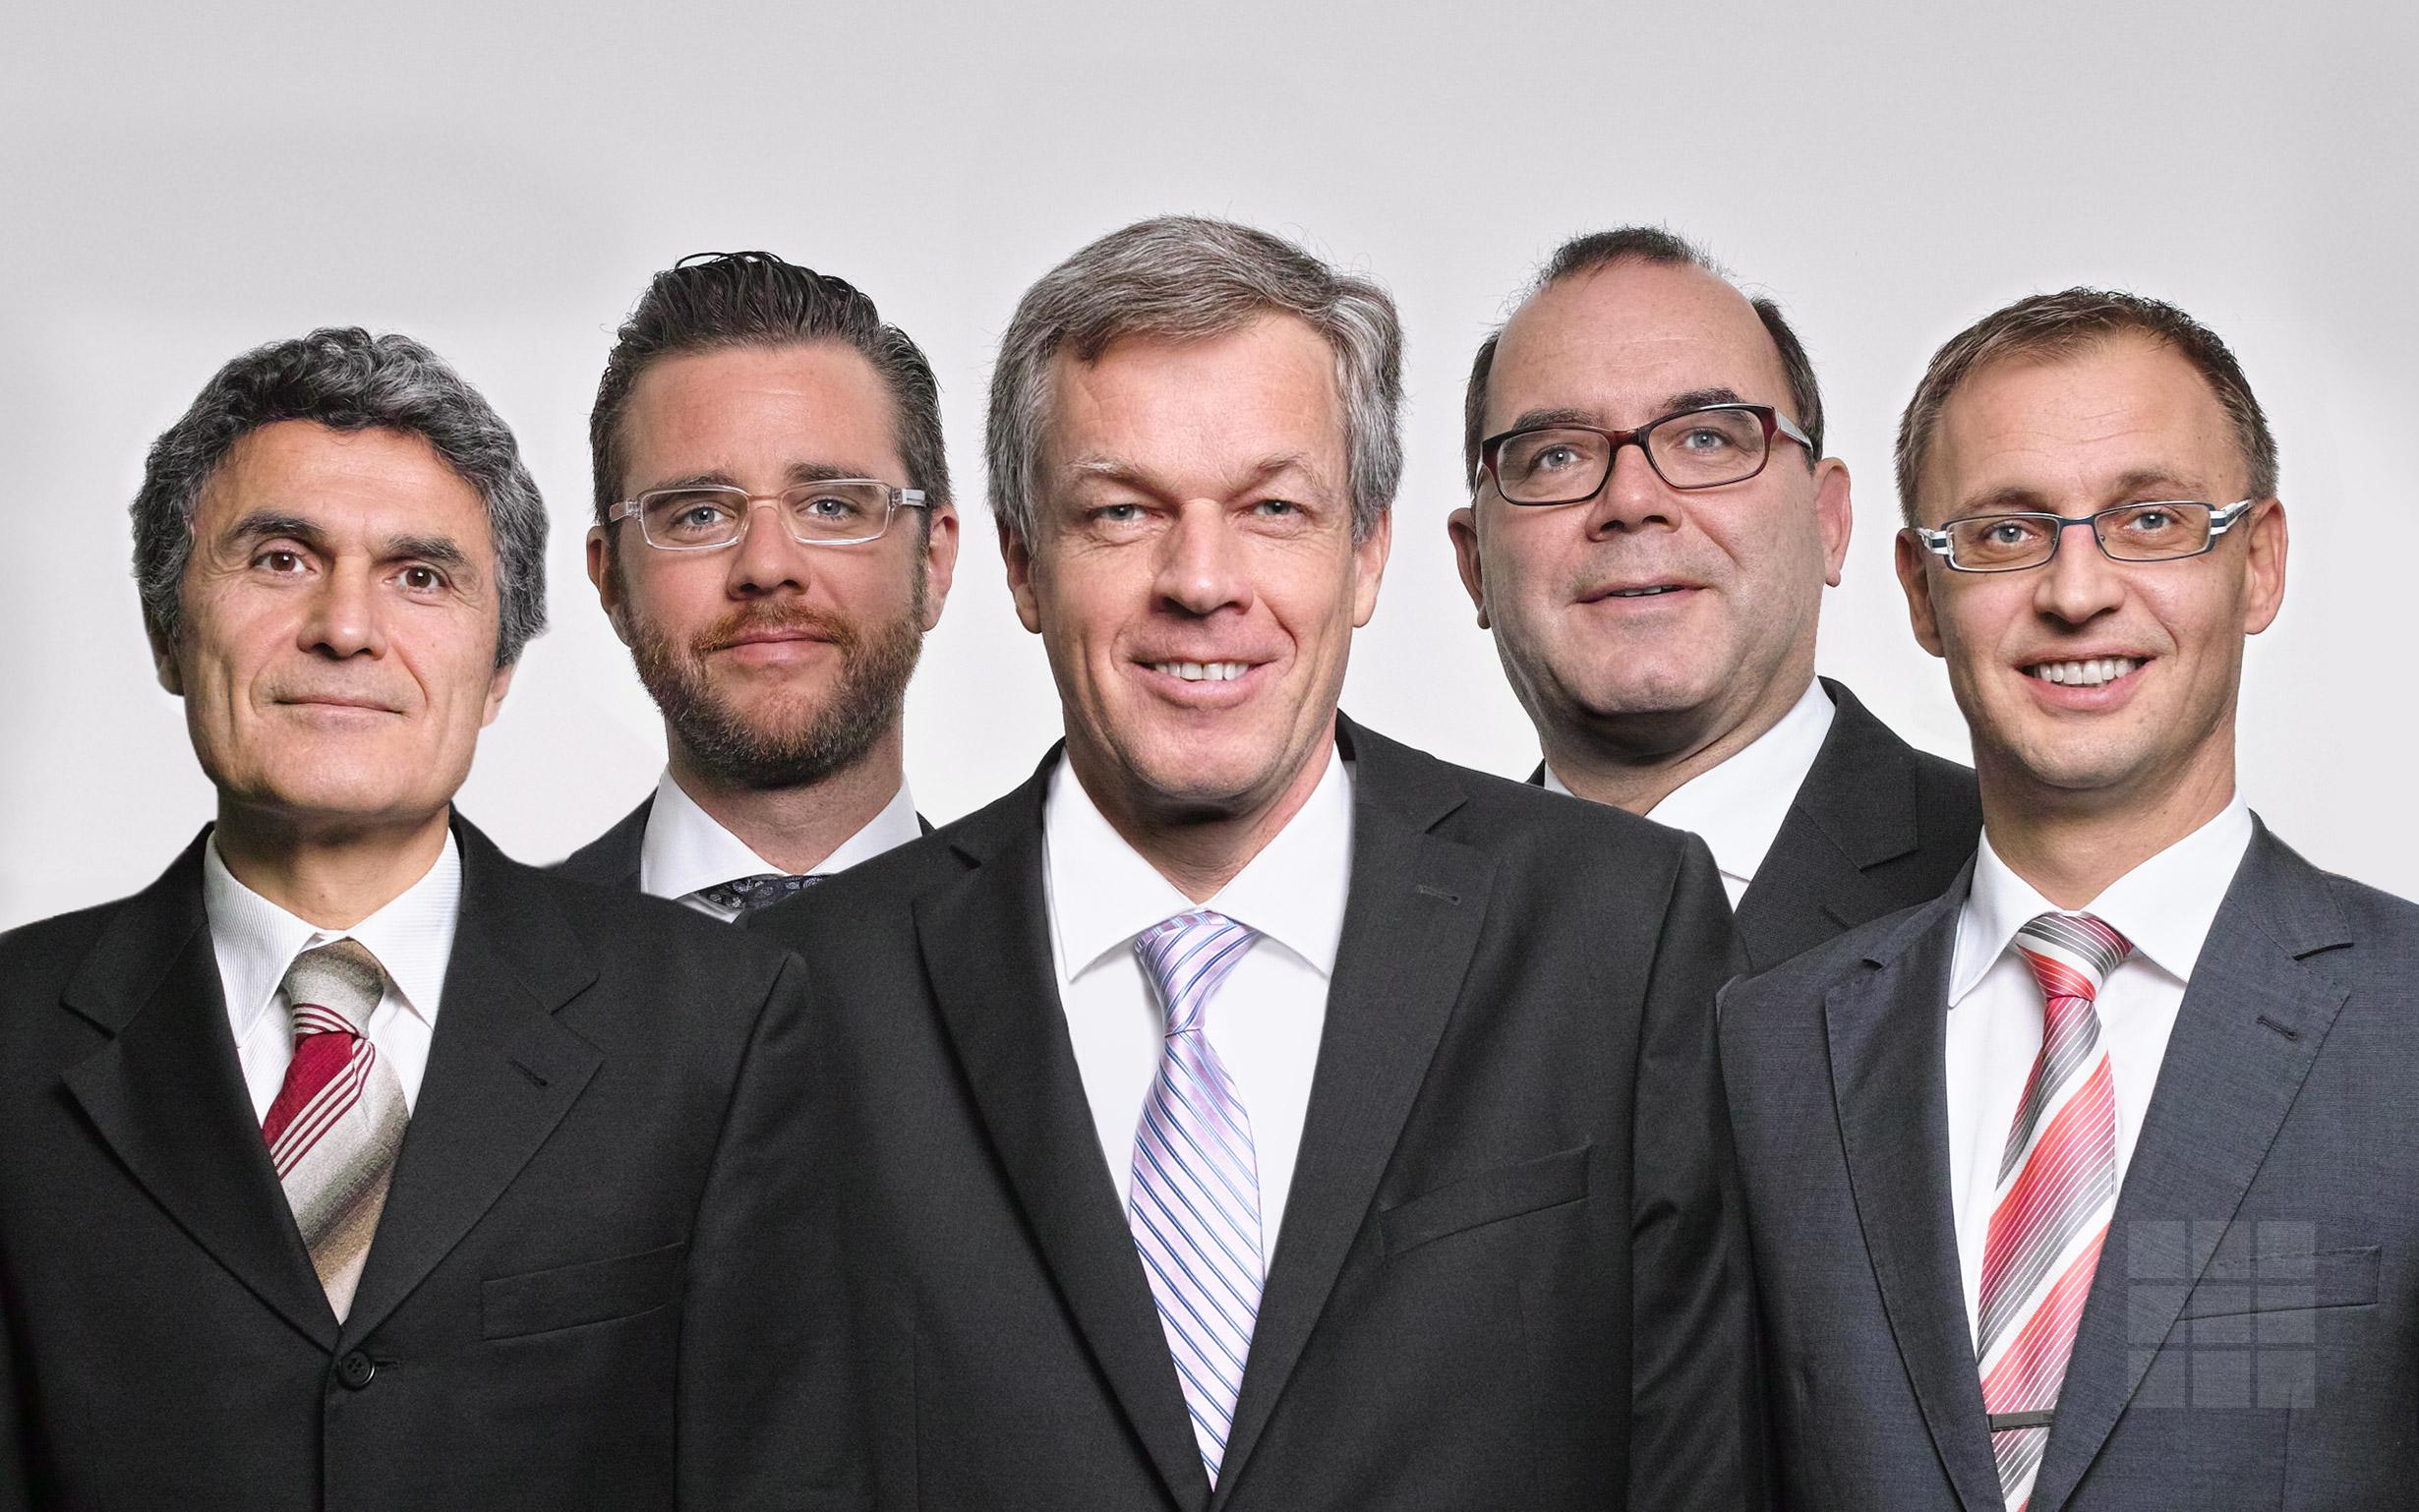 Gruppenbild Patentanwälte Rechtsanwälte